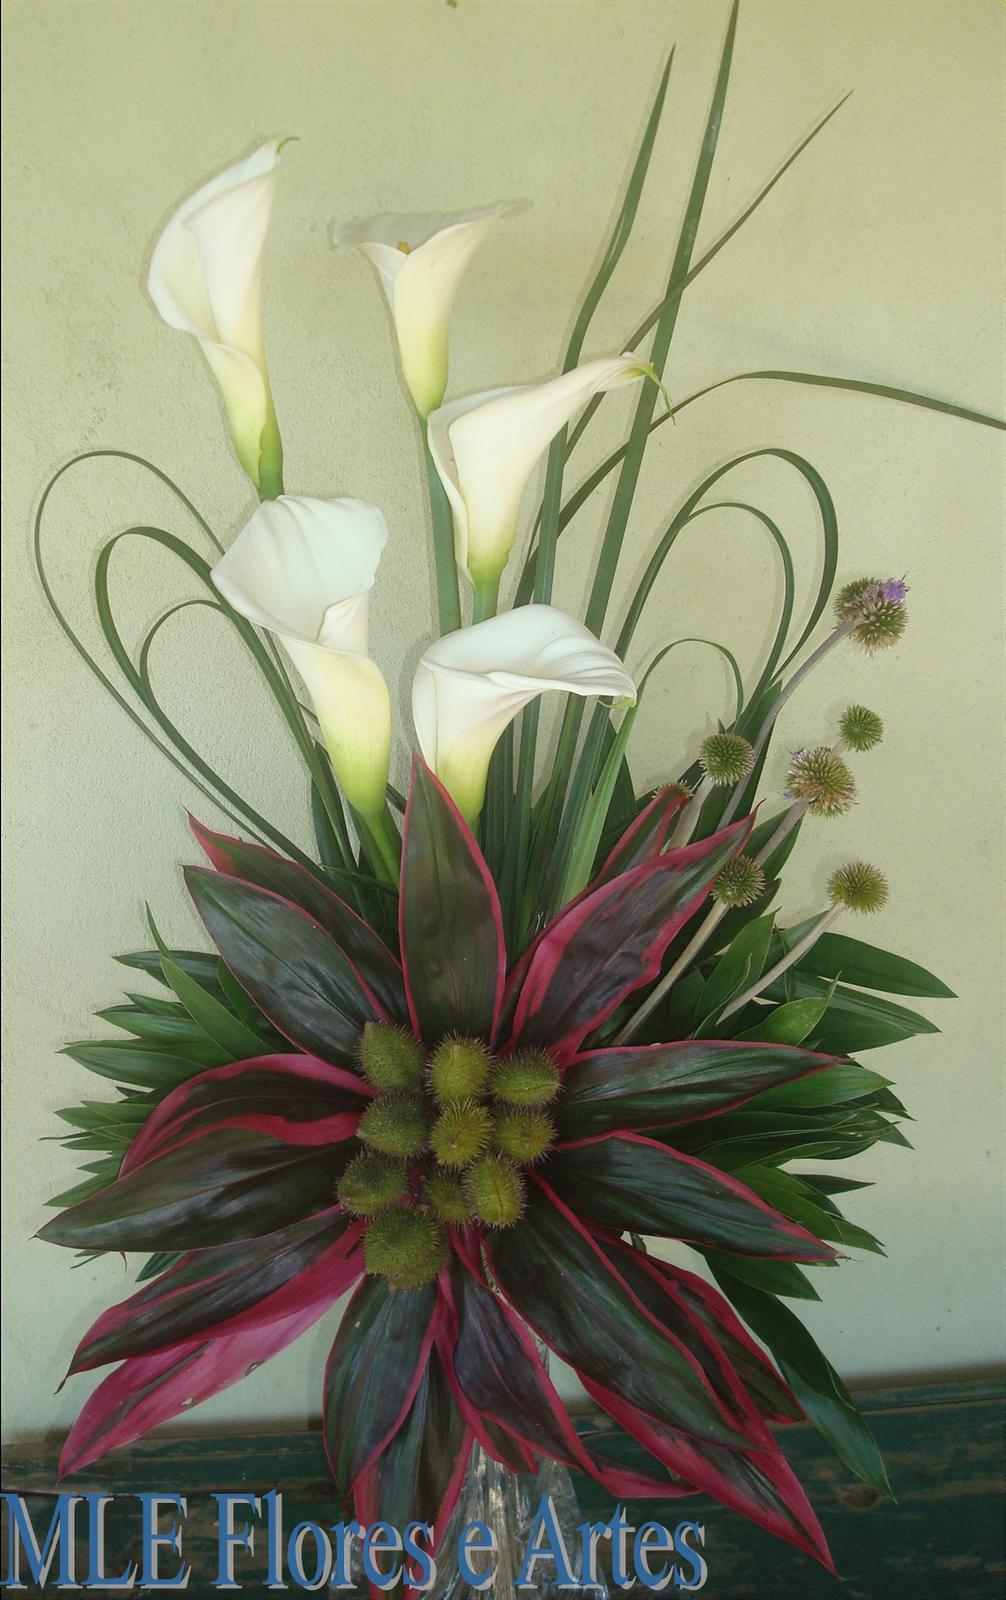 MLE ARTES E FLORES DECORAÇÃO FLORAL: Copo-de-leite e flor com folhas ...